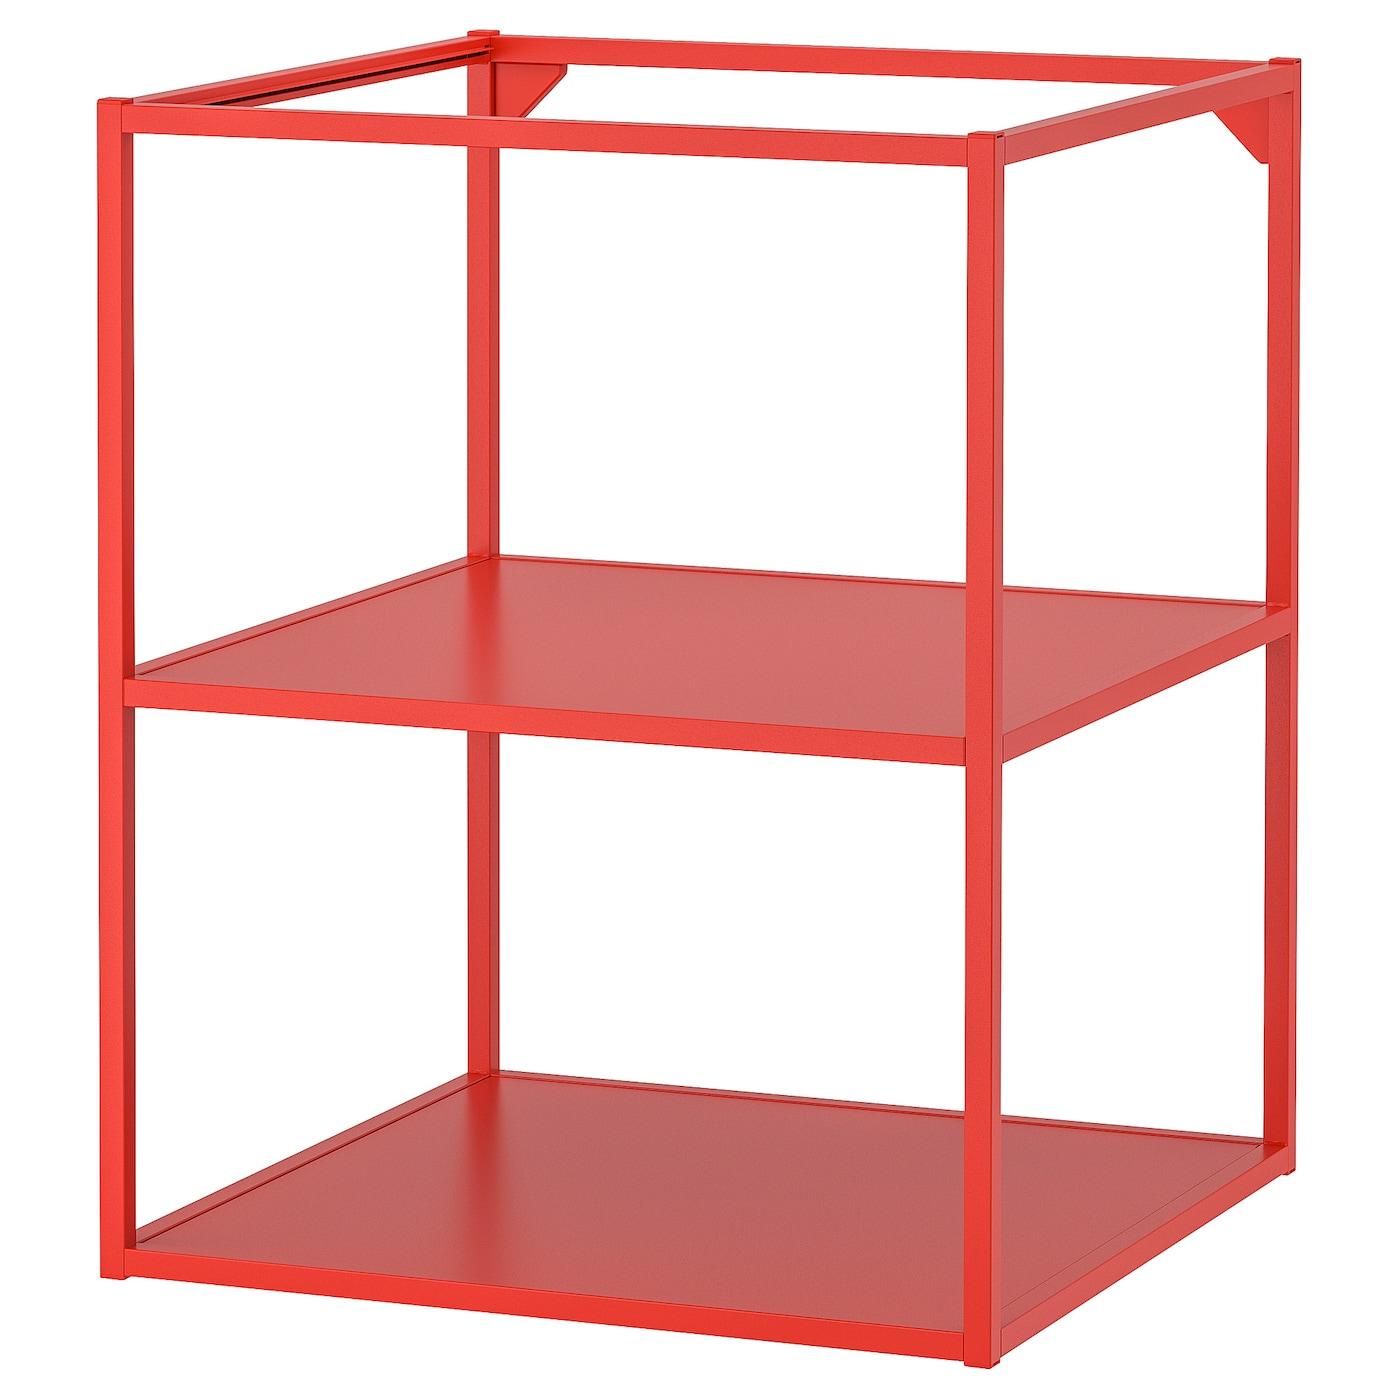 ENHET Regalrahmen für Unterschrank+Böden rotorange IKEA